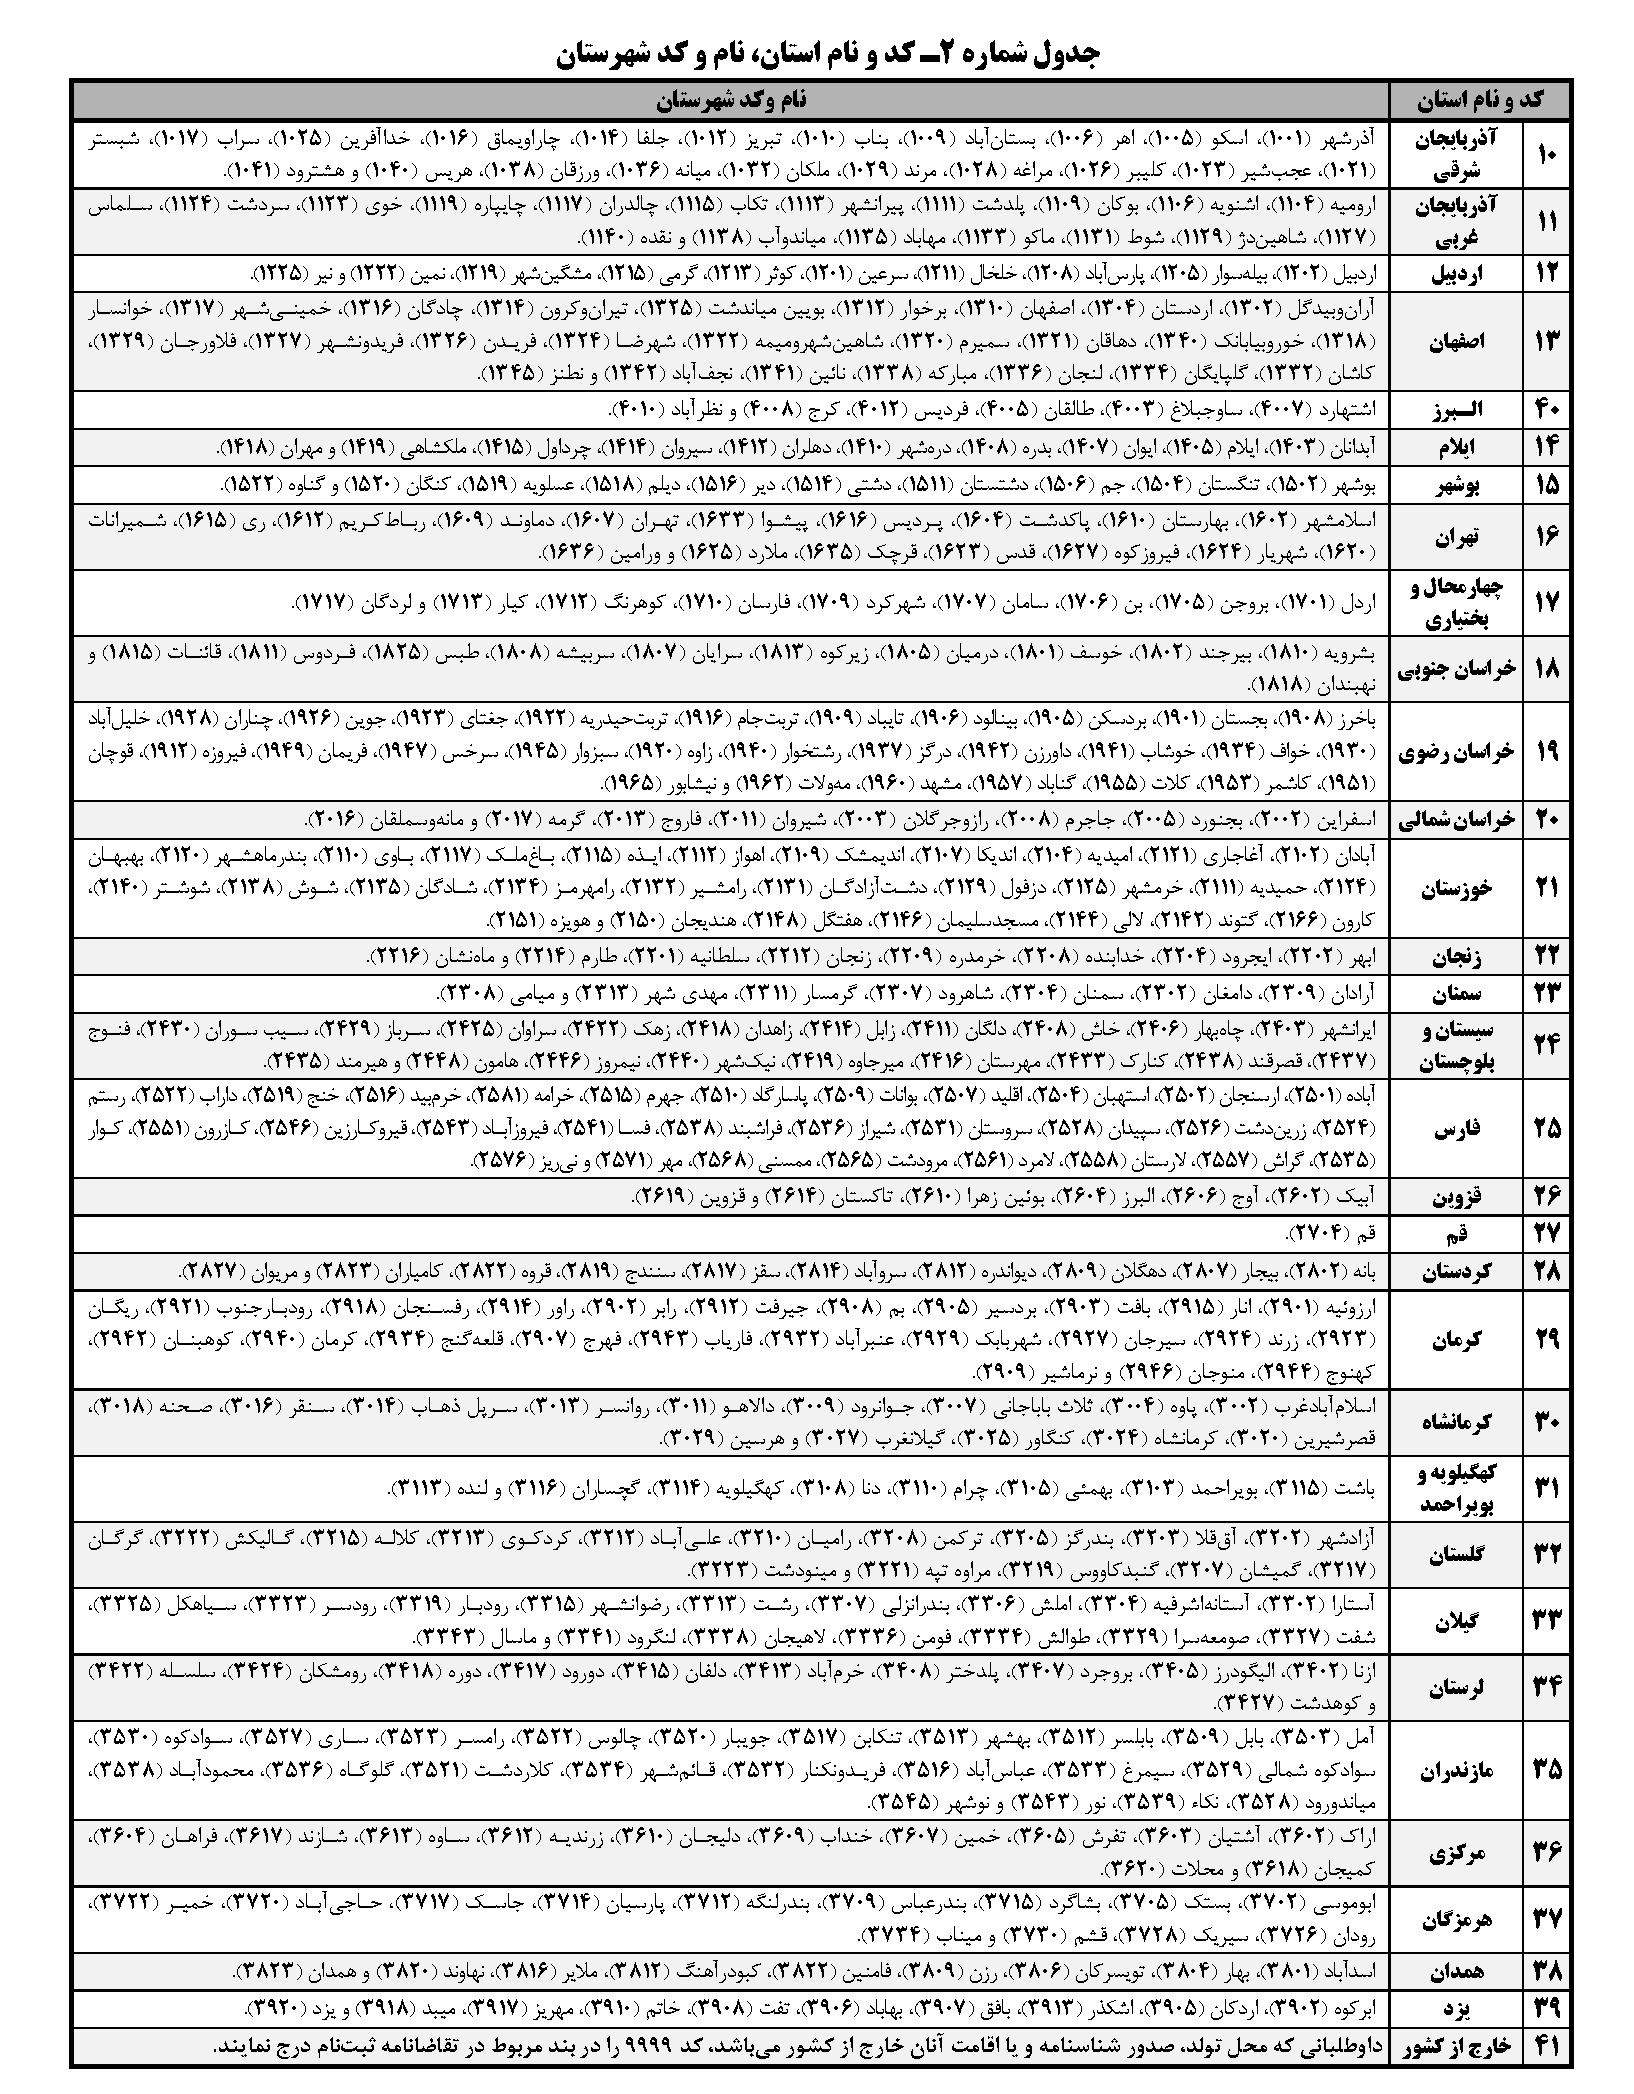 نمونه سوالات استخدامی دستیاران ستادی ۹۴